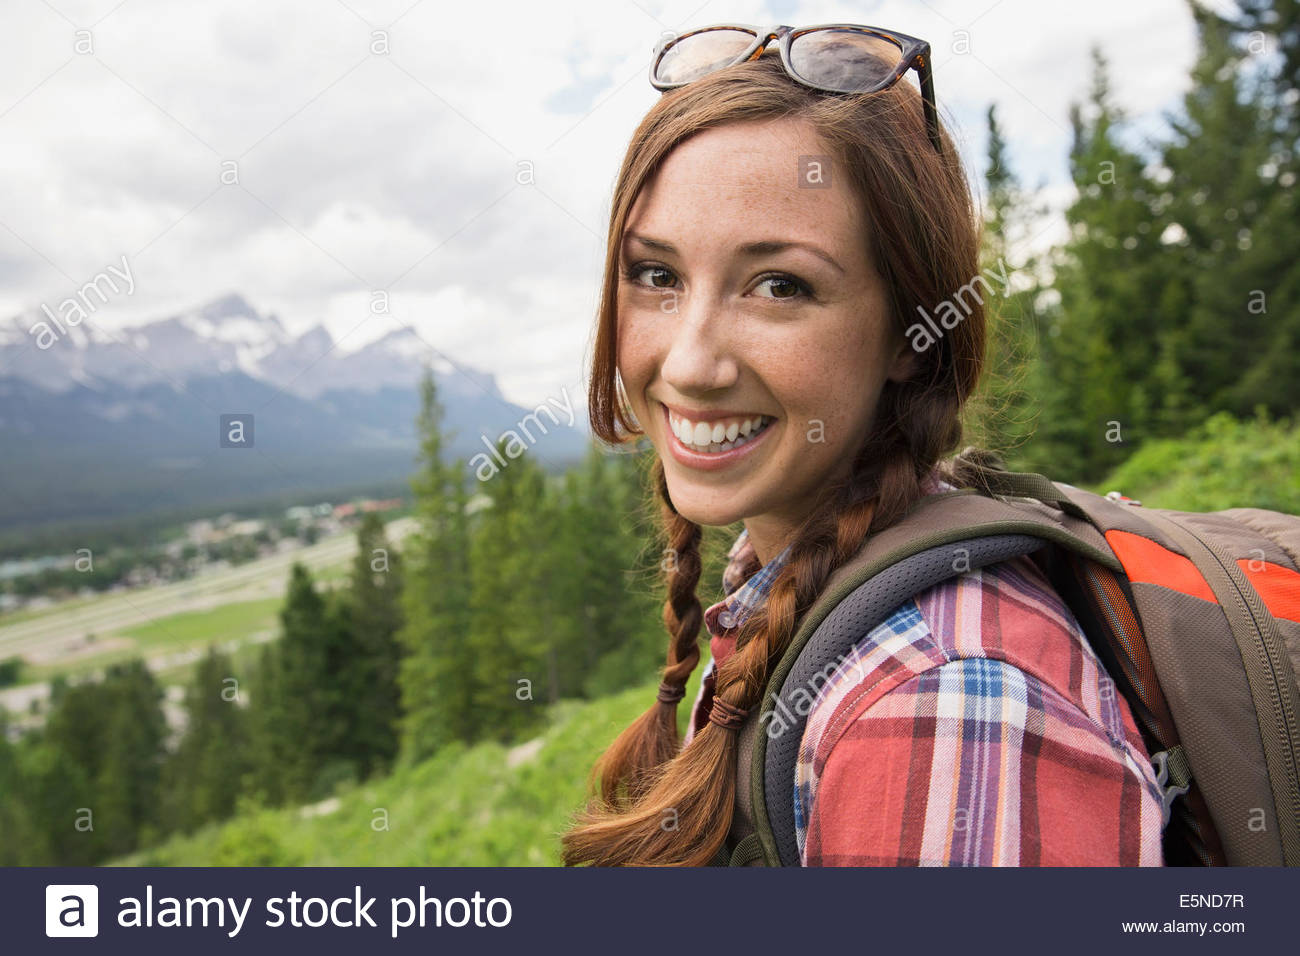 Porträt der lächelnde Frau in der Nähe von Bergen wandern Stockbild